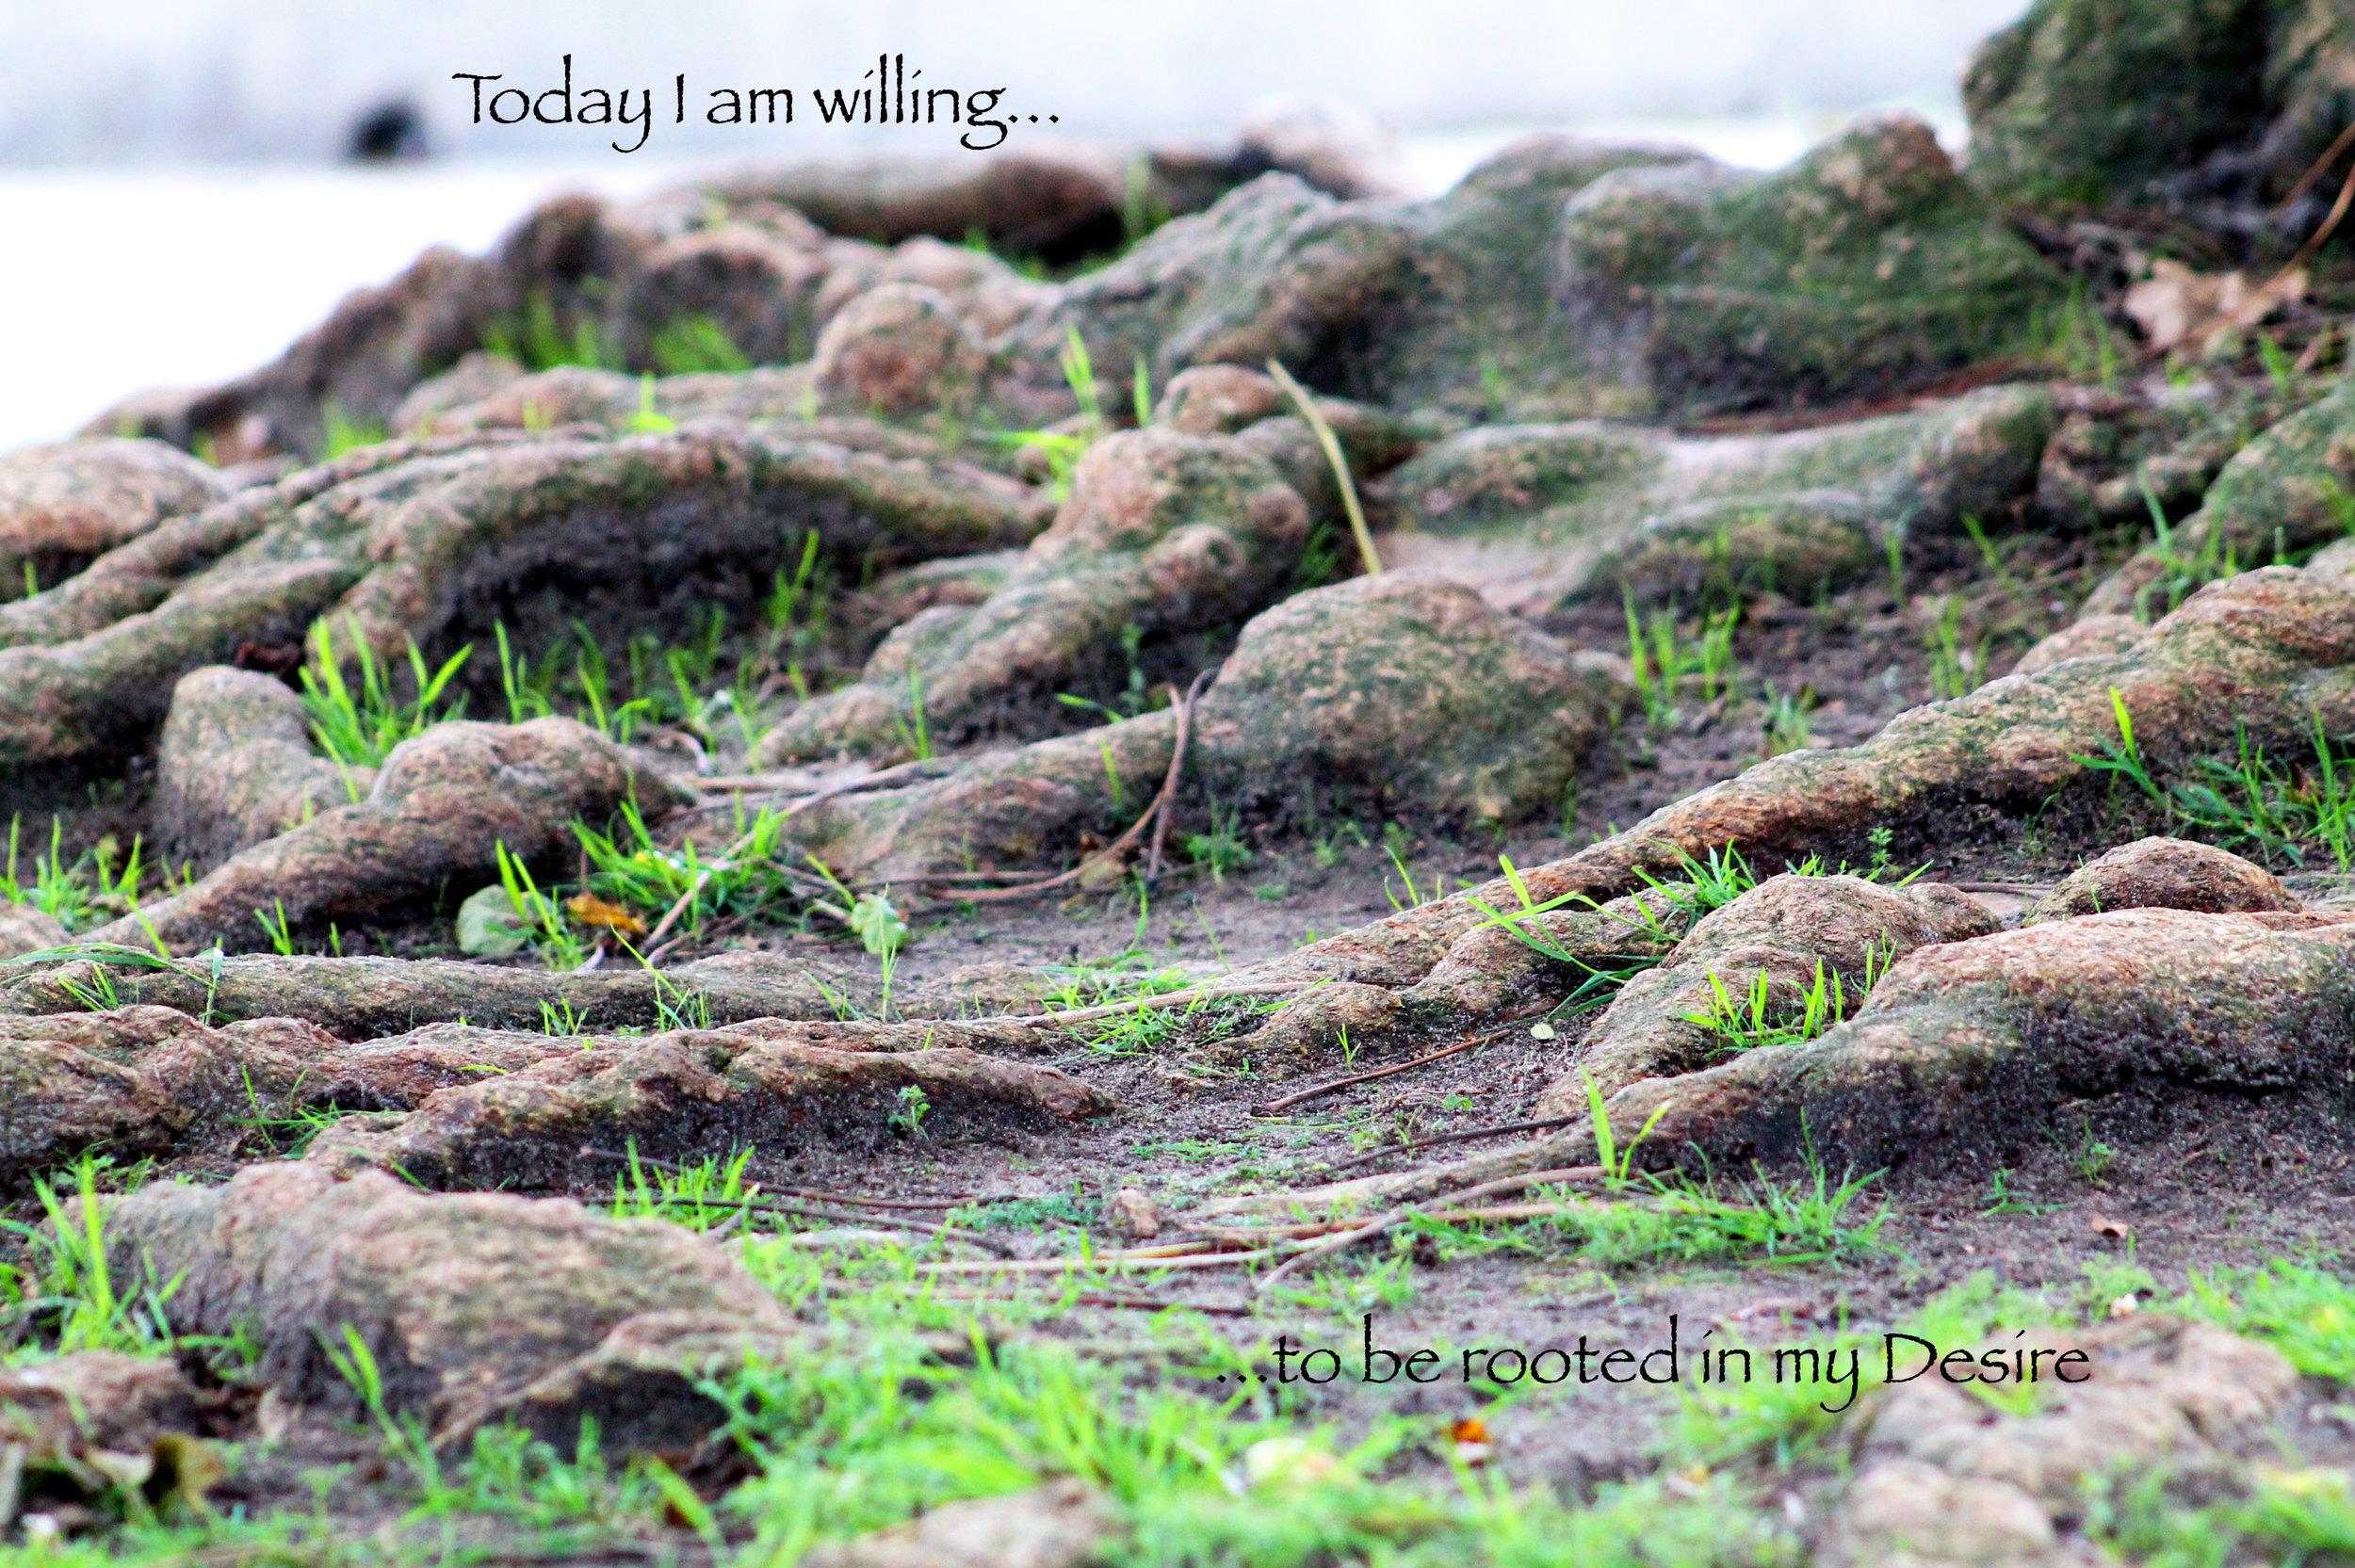 Roots_Desire.jpg